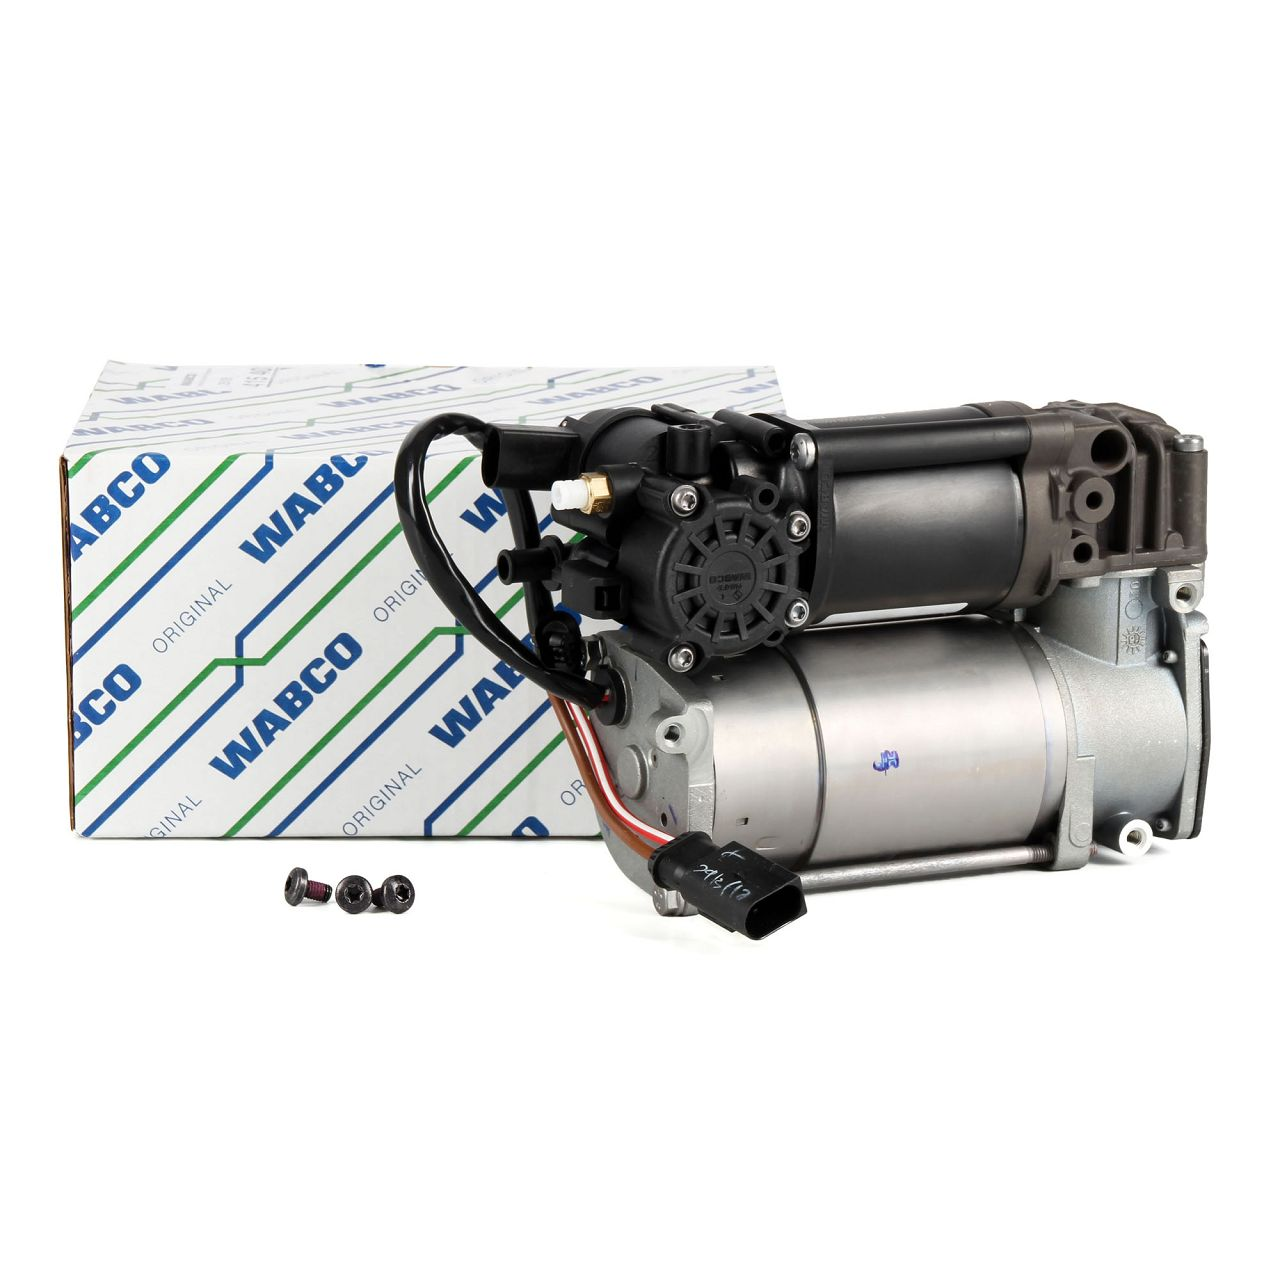 WABCO Kompressor Luftfederung Luftkompressor Airmatic für MERCEDES C218 W212